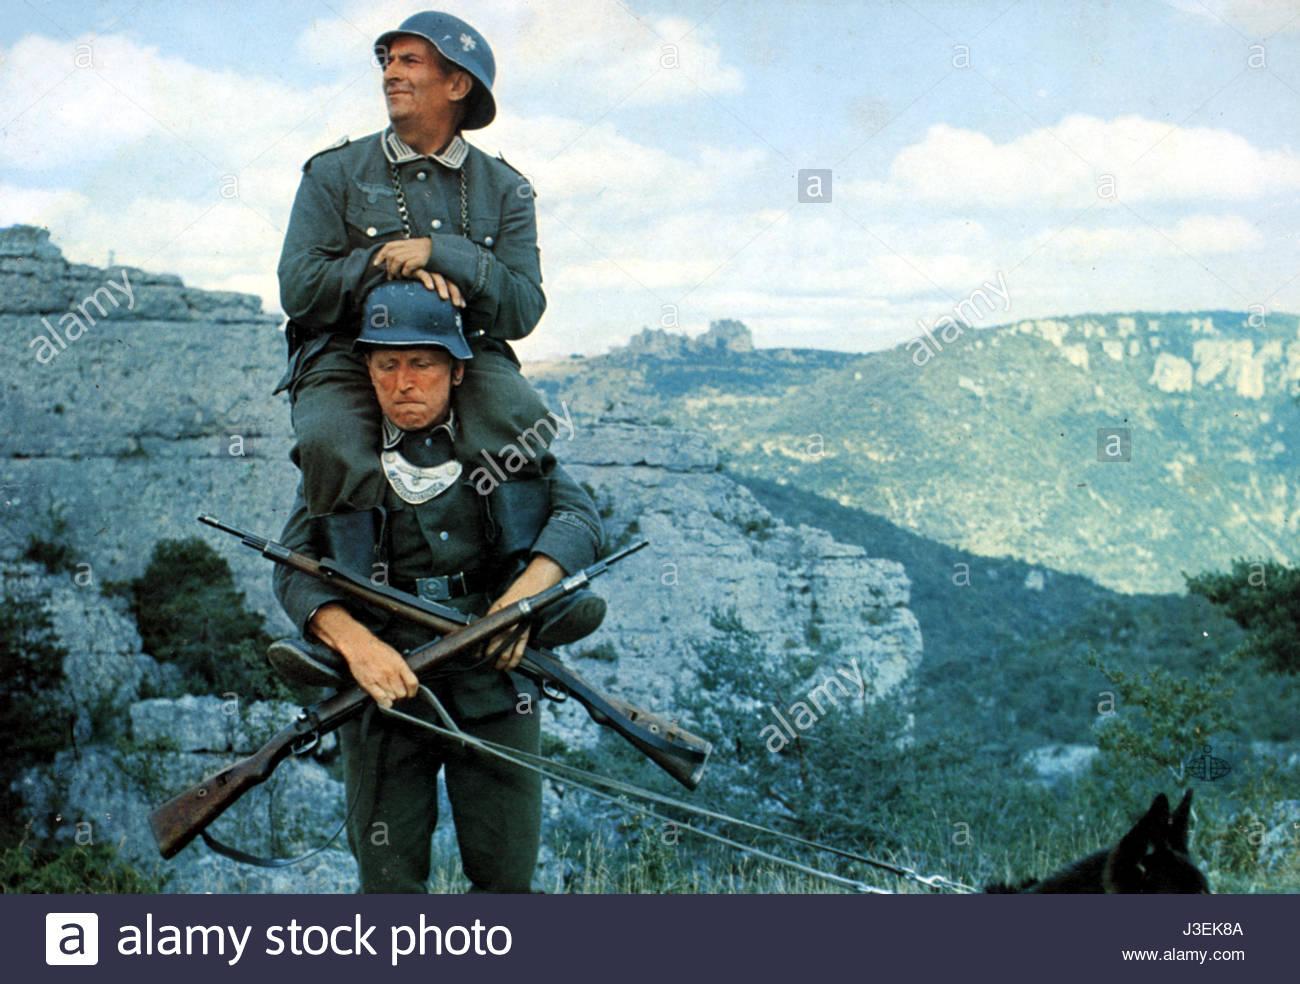 Pour en rire aussi !  - Page 2 La-grande-vadrouille-year-1966-france-bourvil-louis-de-funes-director-j3ek8a